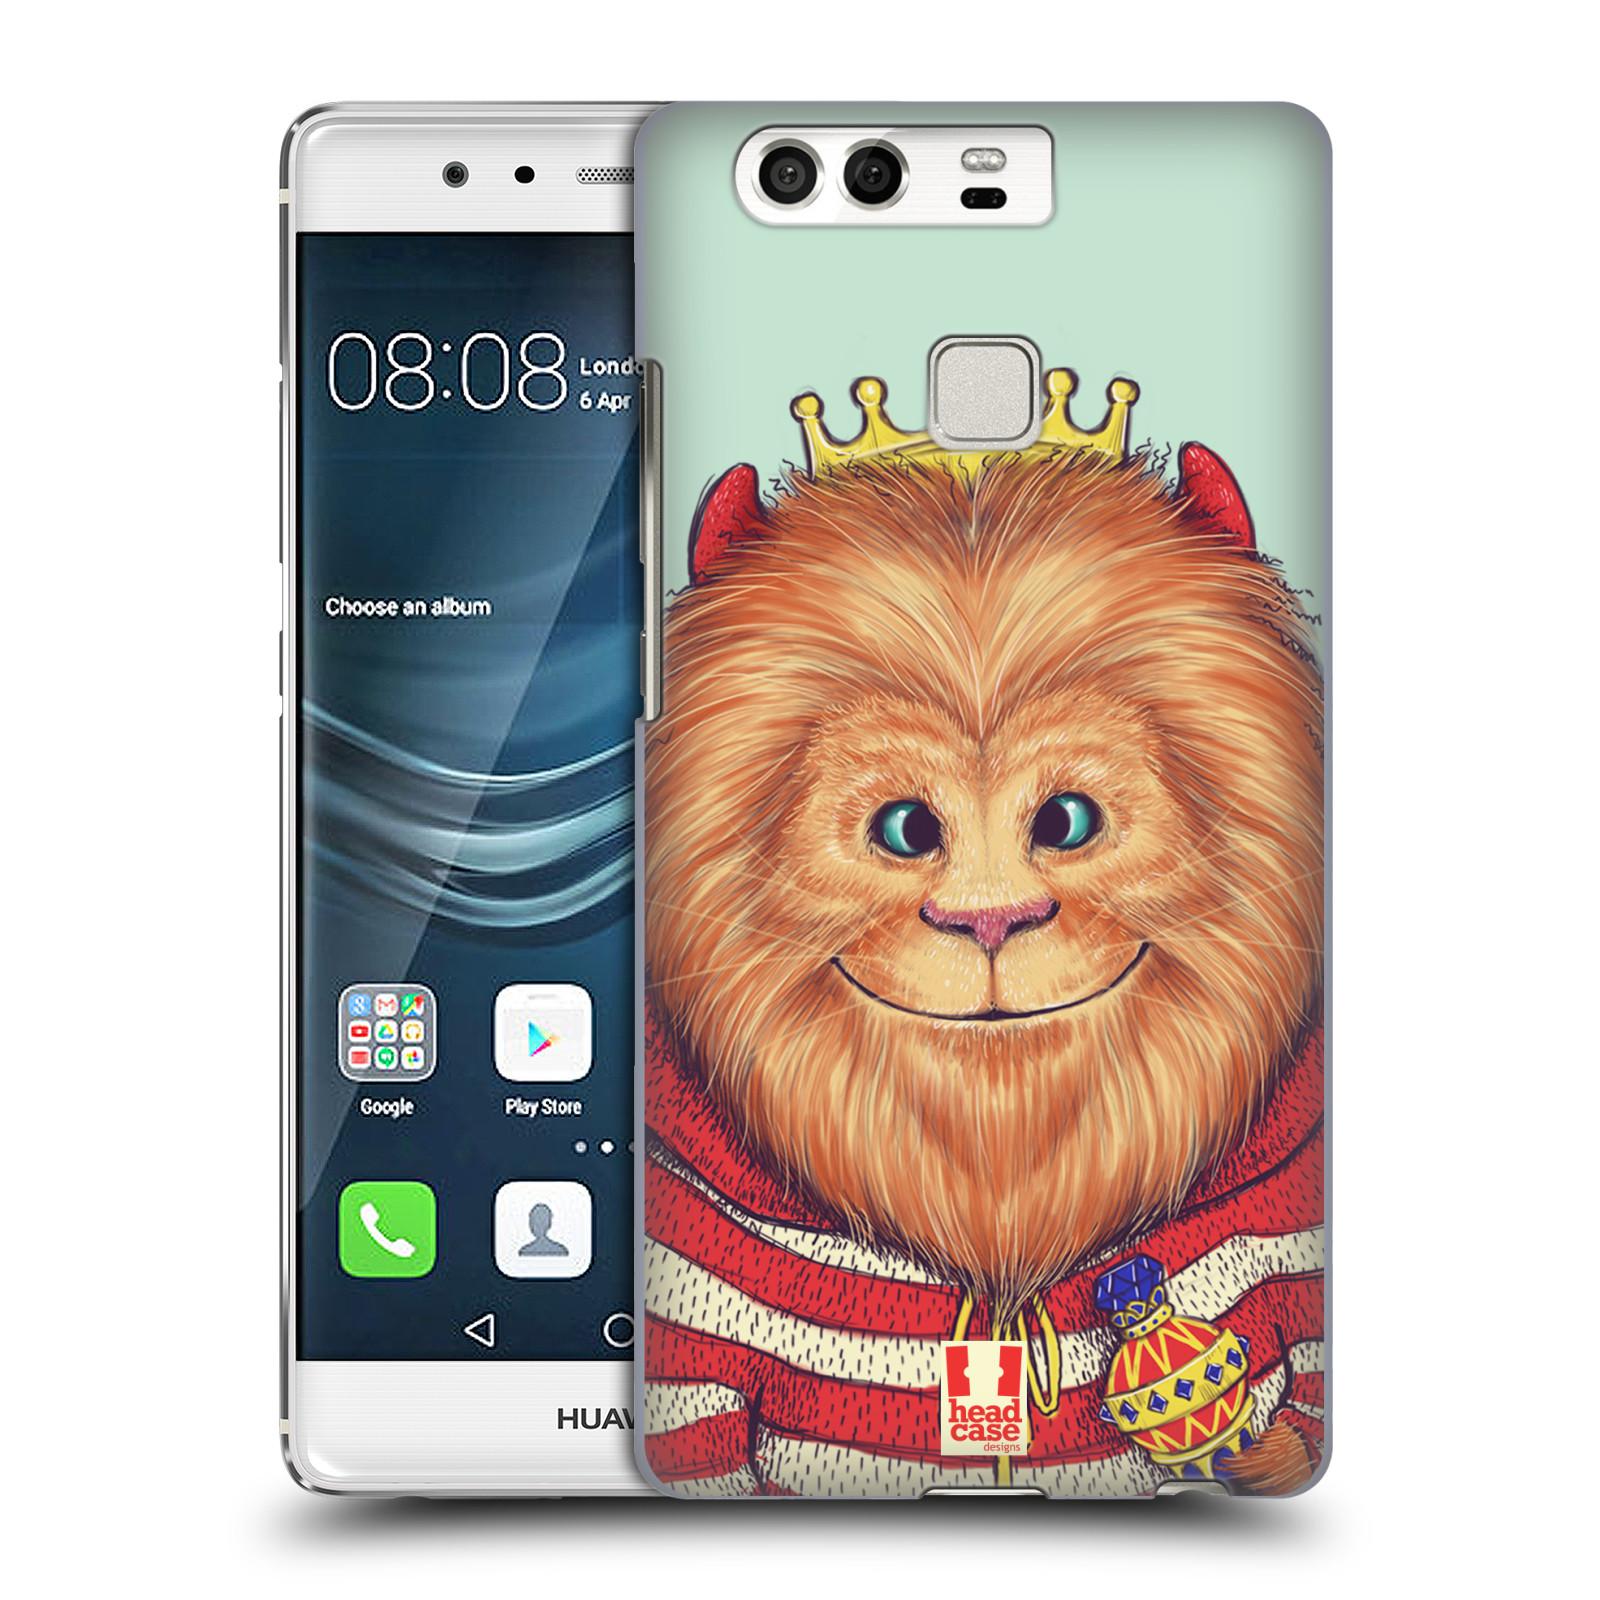 HEAD CASE plastový obal na mobil Huawei P9 / P9 DUAL SIM vzor Kreslená zvířátka lev